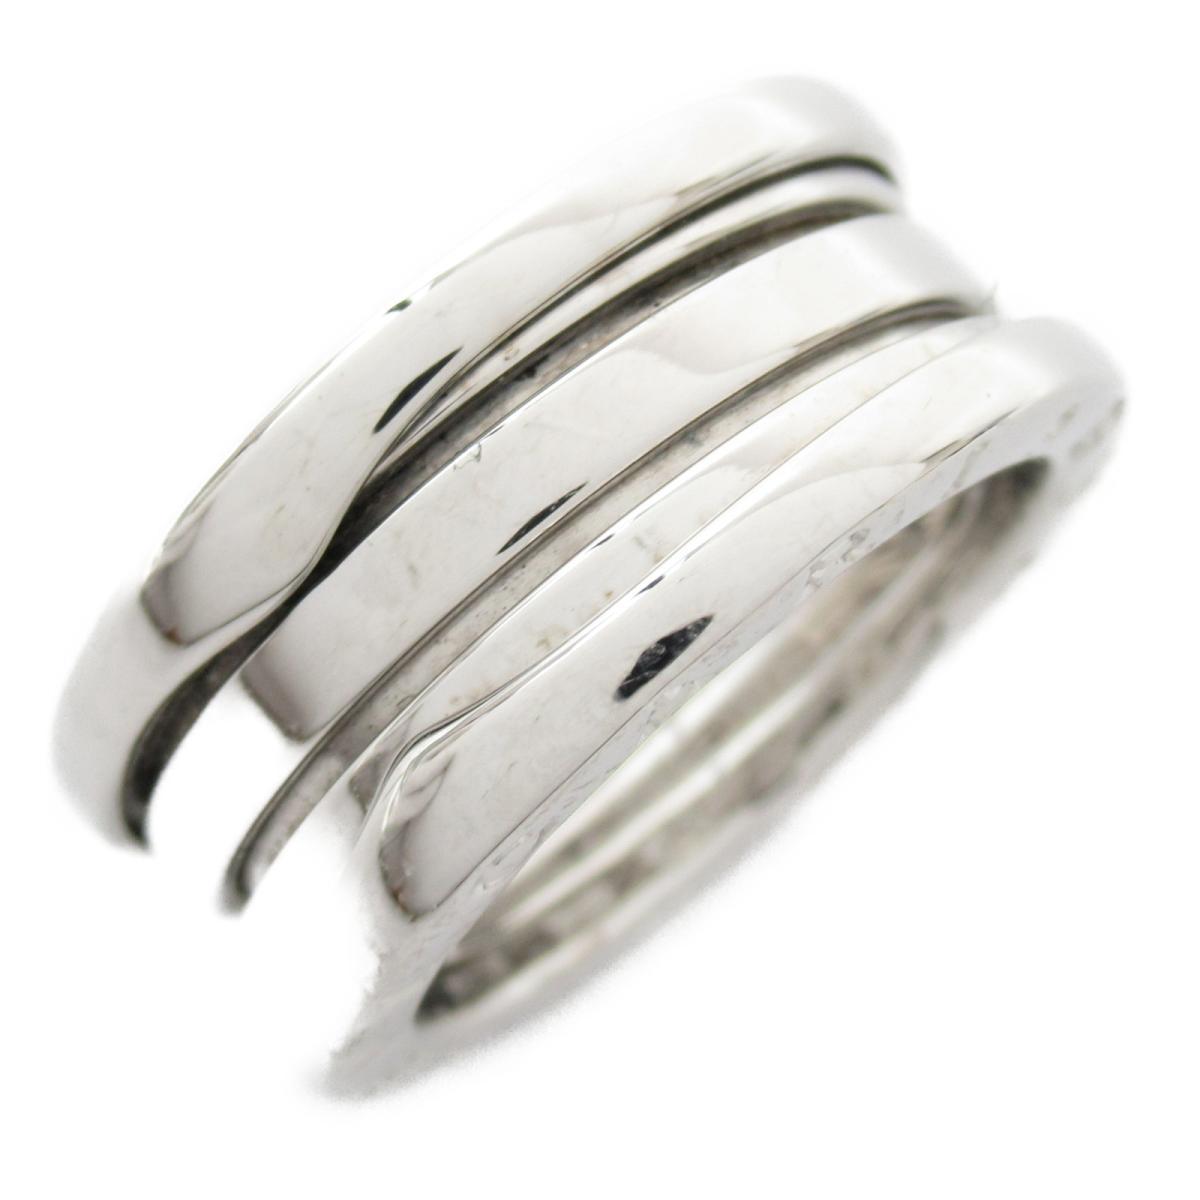 【中古】 ブルガリ B-zero1 リング Sサイズ ビーゼロワン 指輪 メンズ レディース K18WG (750) ホワイトゴールド (323529) | BVLGARI BRANDOFF ブランドオフ ブランド ジュエリー アクセサリー